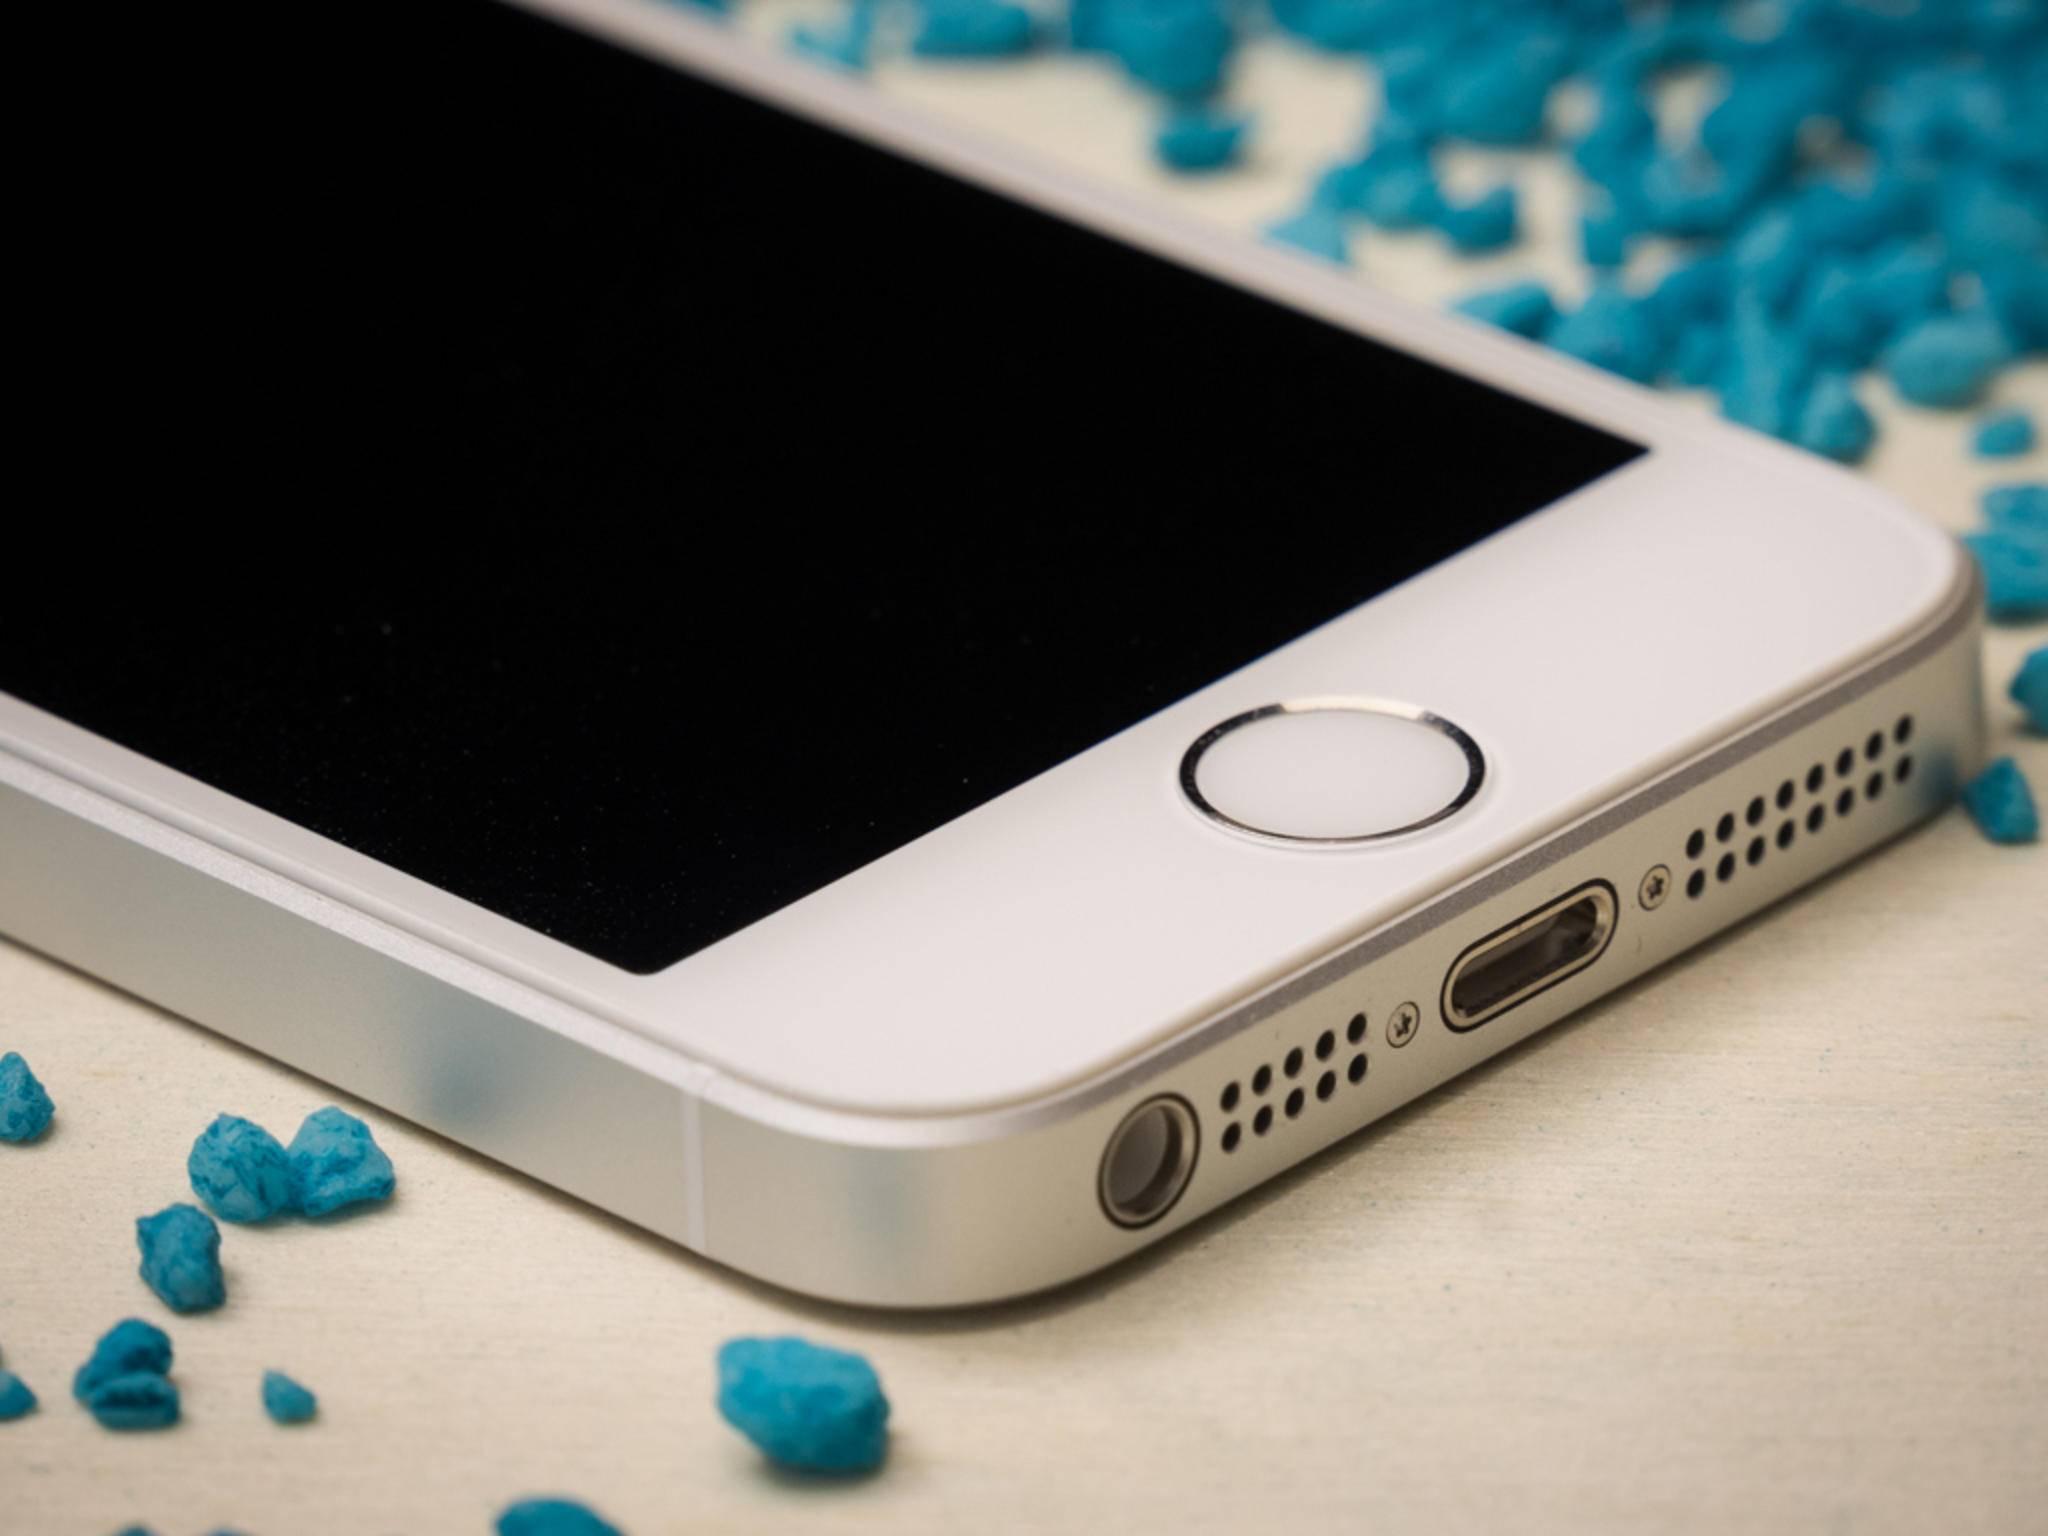 Cache löschen iphone 6s